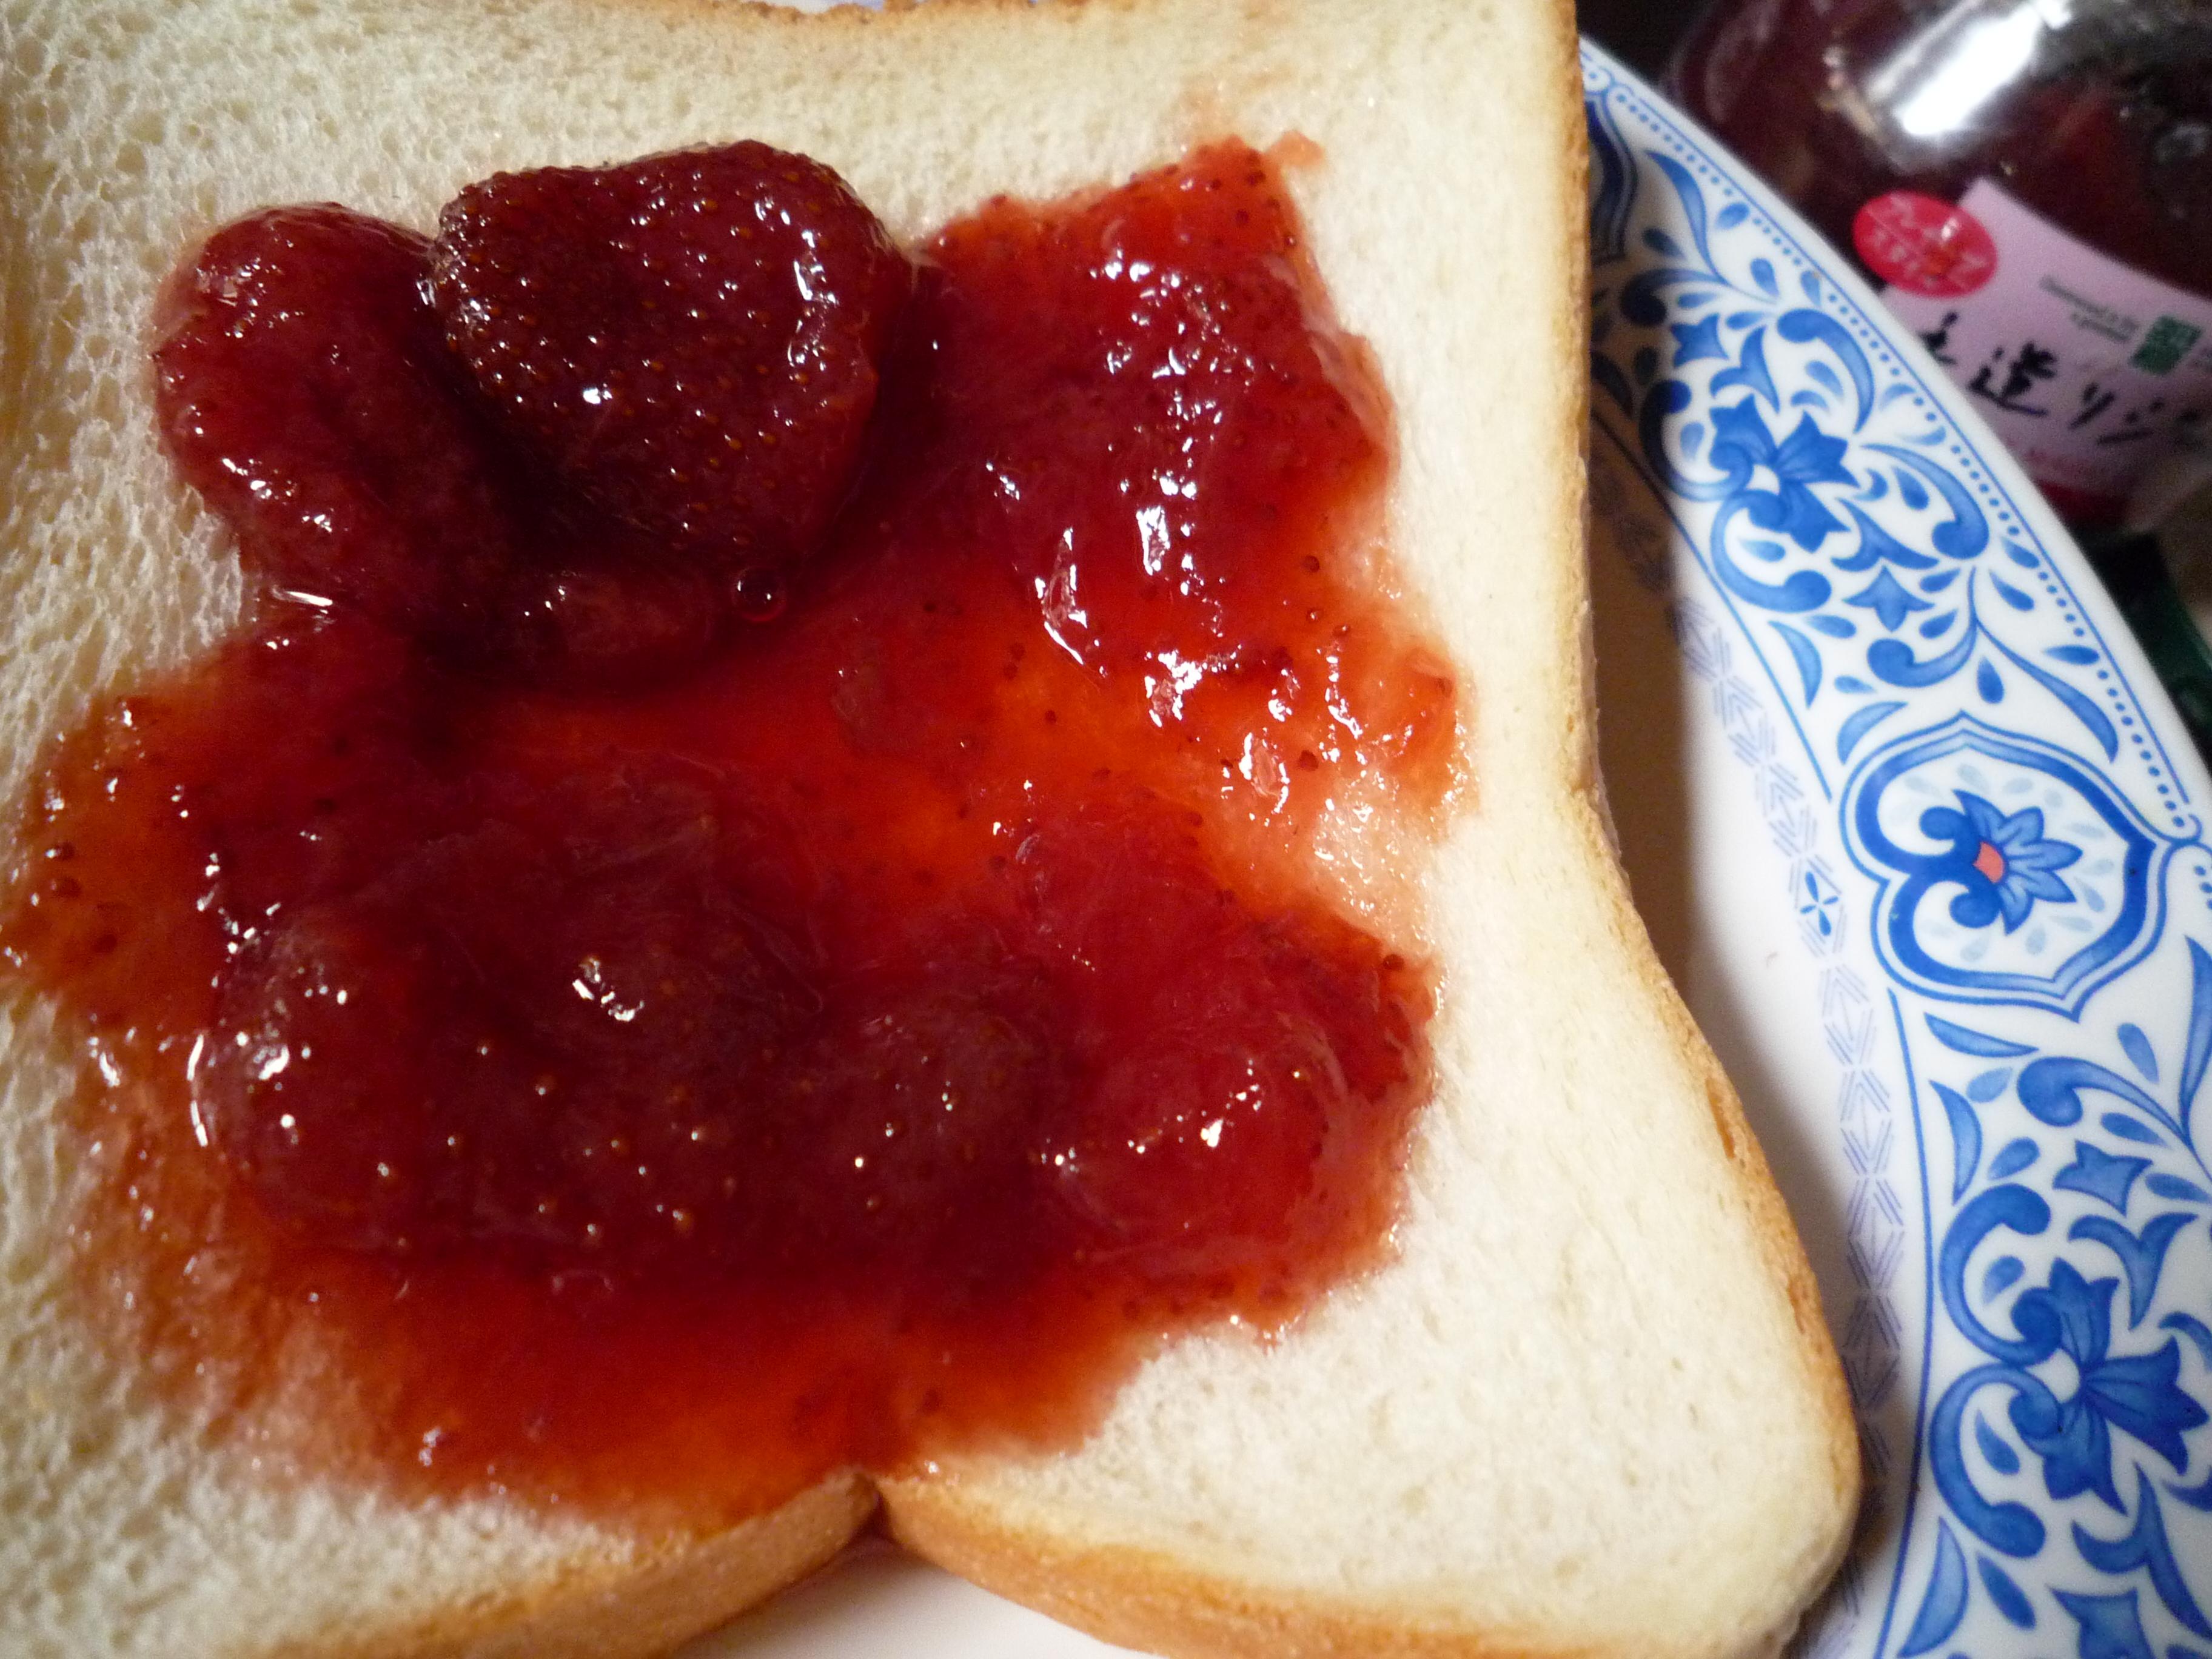 グリーンウッド 手造りジャム いちご パン